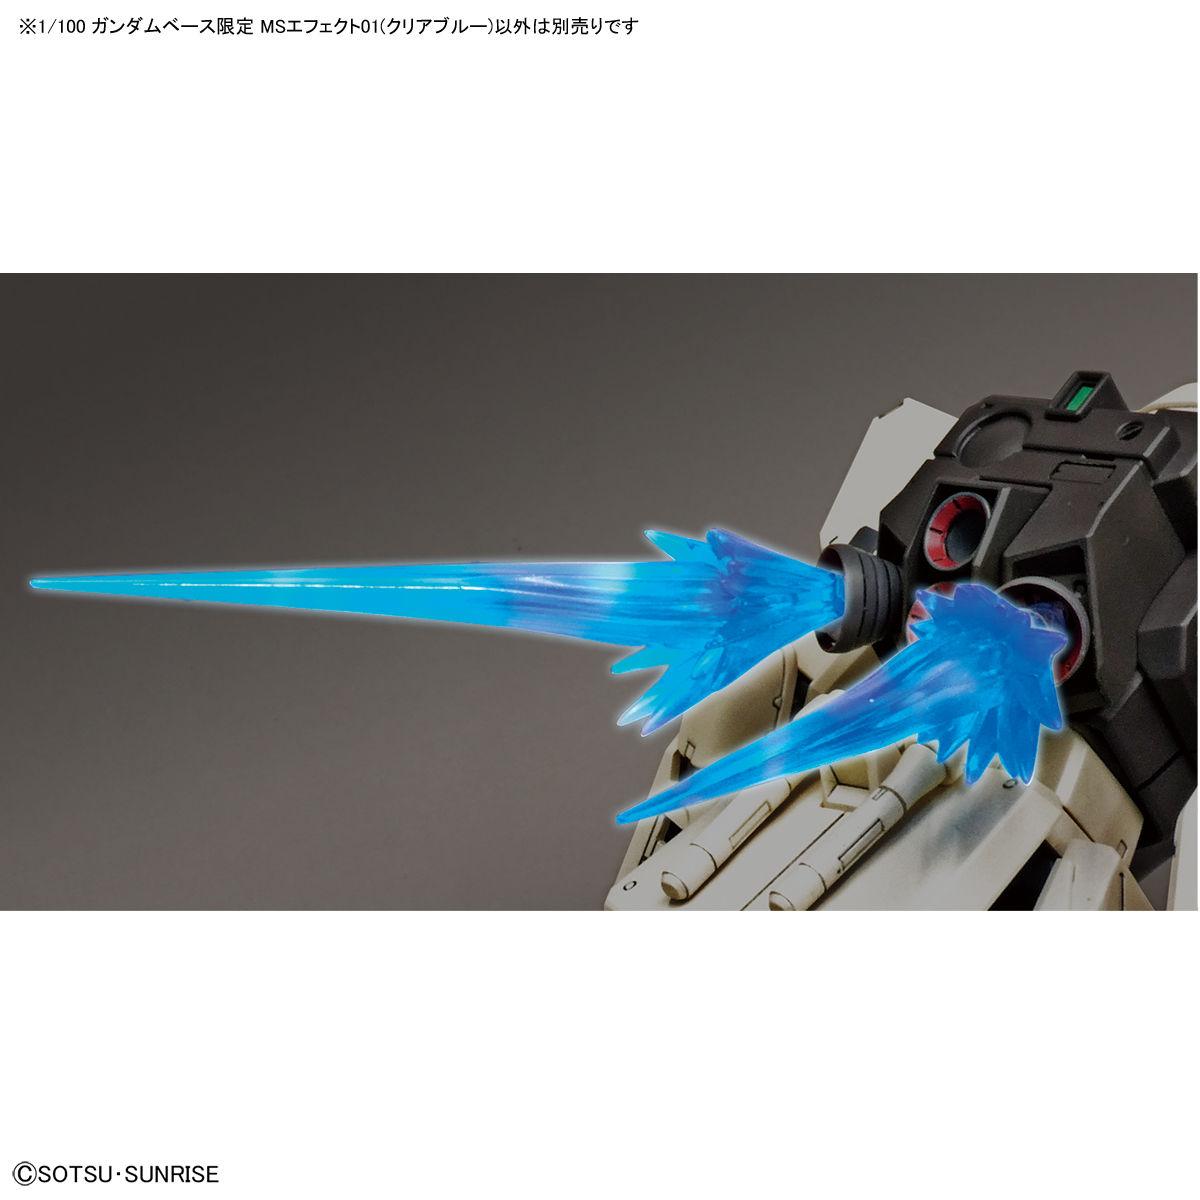 1/100 ガンダムベース限定 MSエフェクト01(クリアブルー) 商品画像